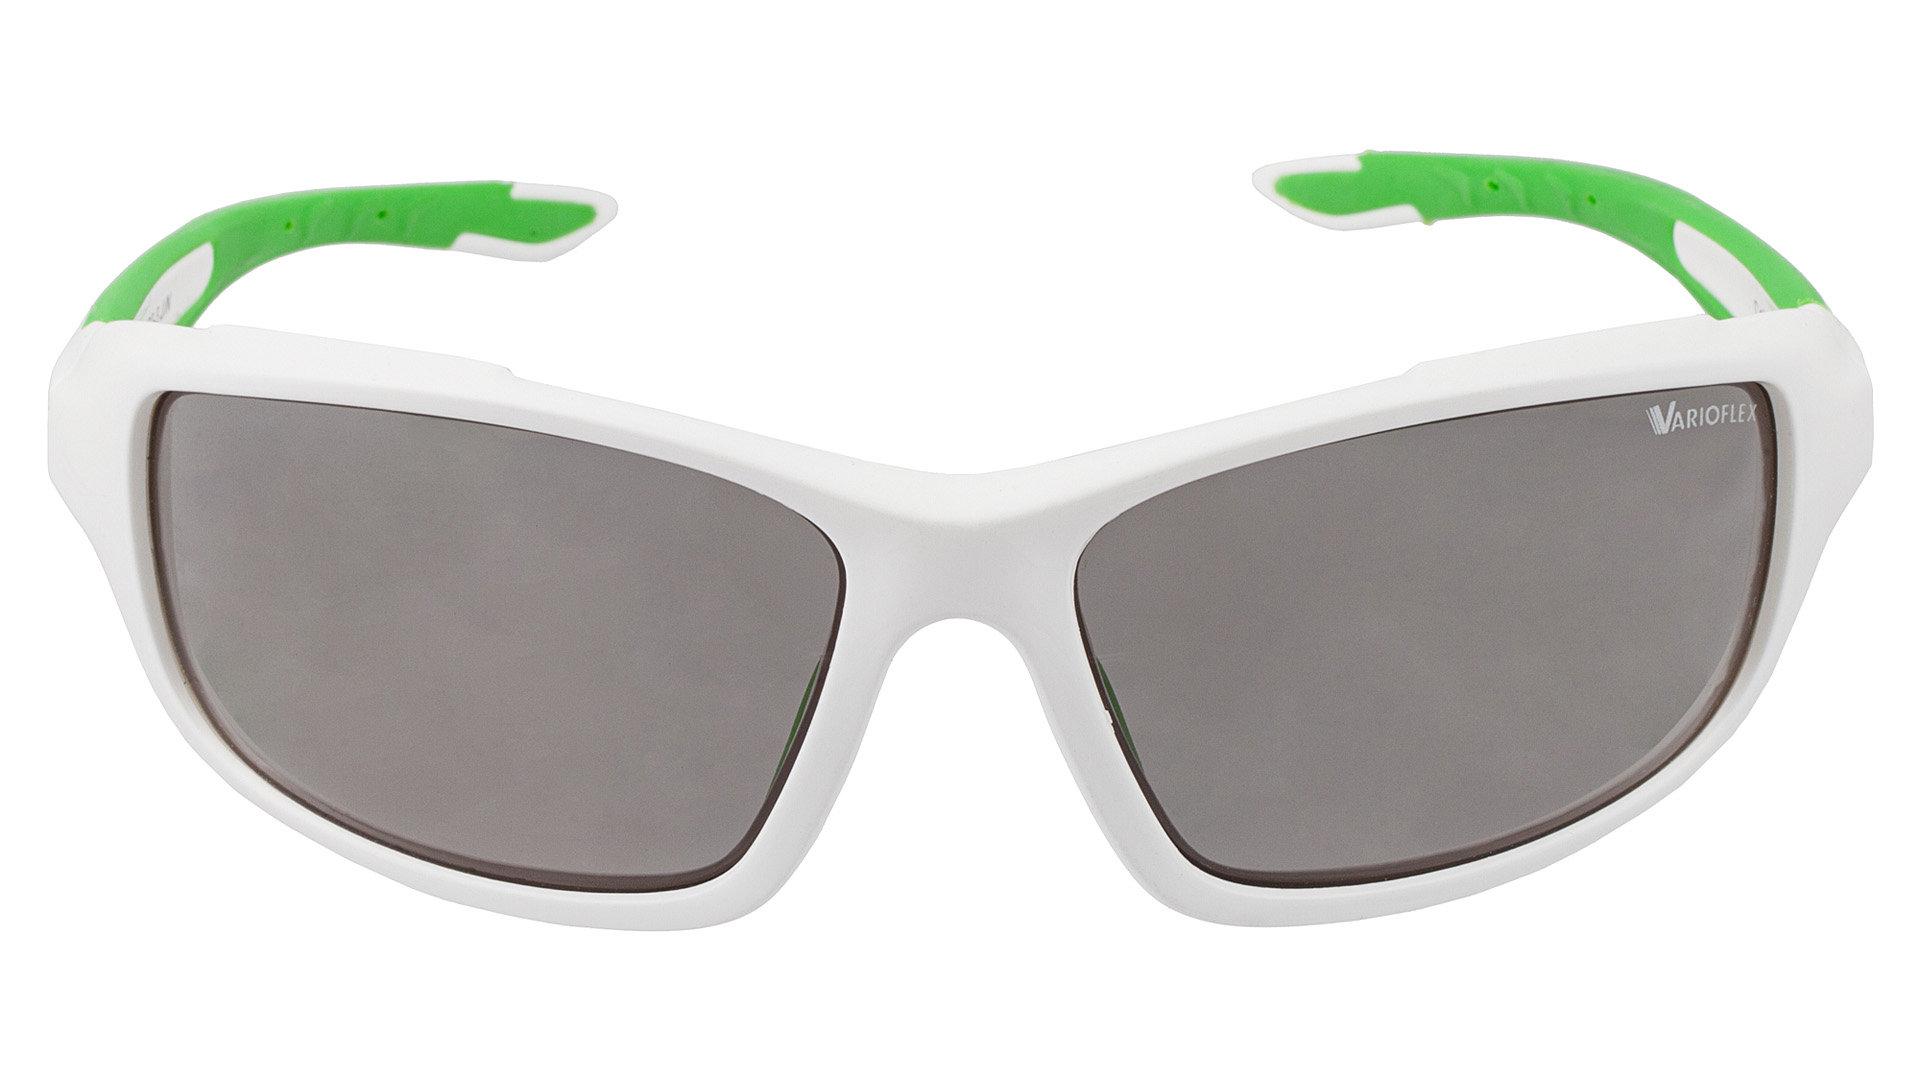 Alpina-Callum-Varioflex-Brille-white-green-VARIOFL-14757246f9f6a3e81219726bd6caf501